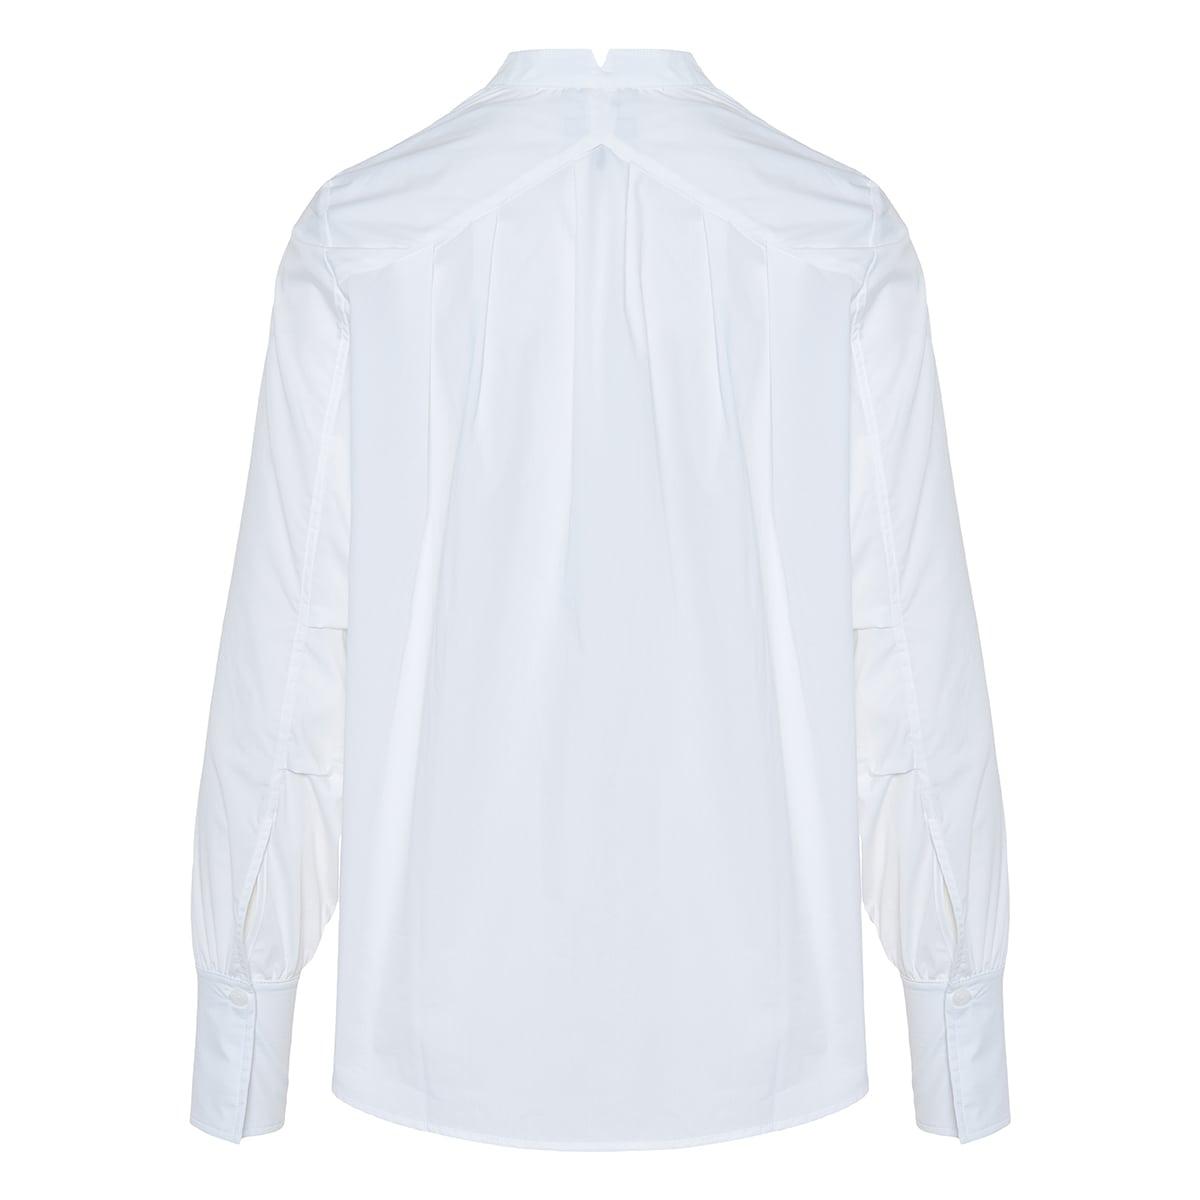 Carly poplin shirt